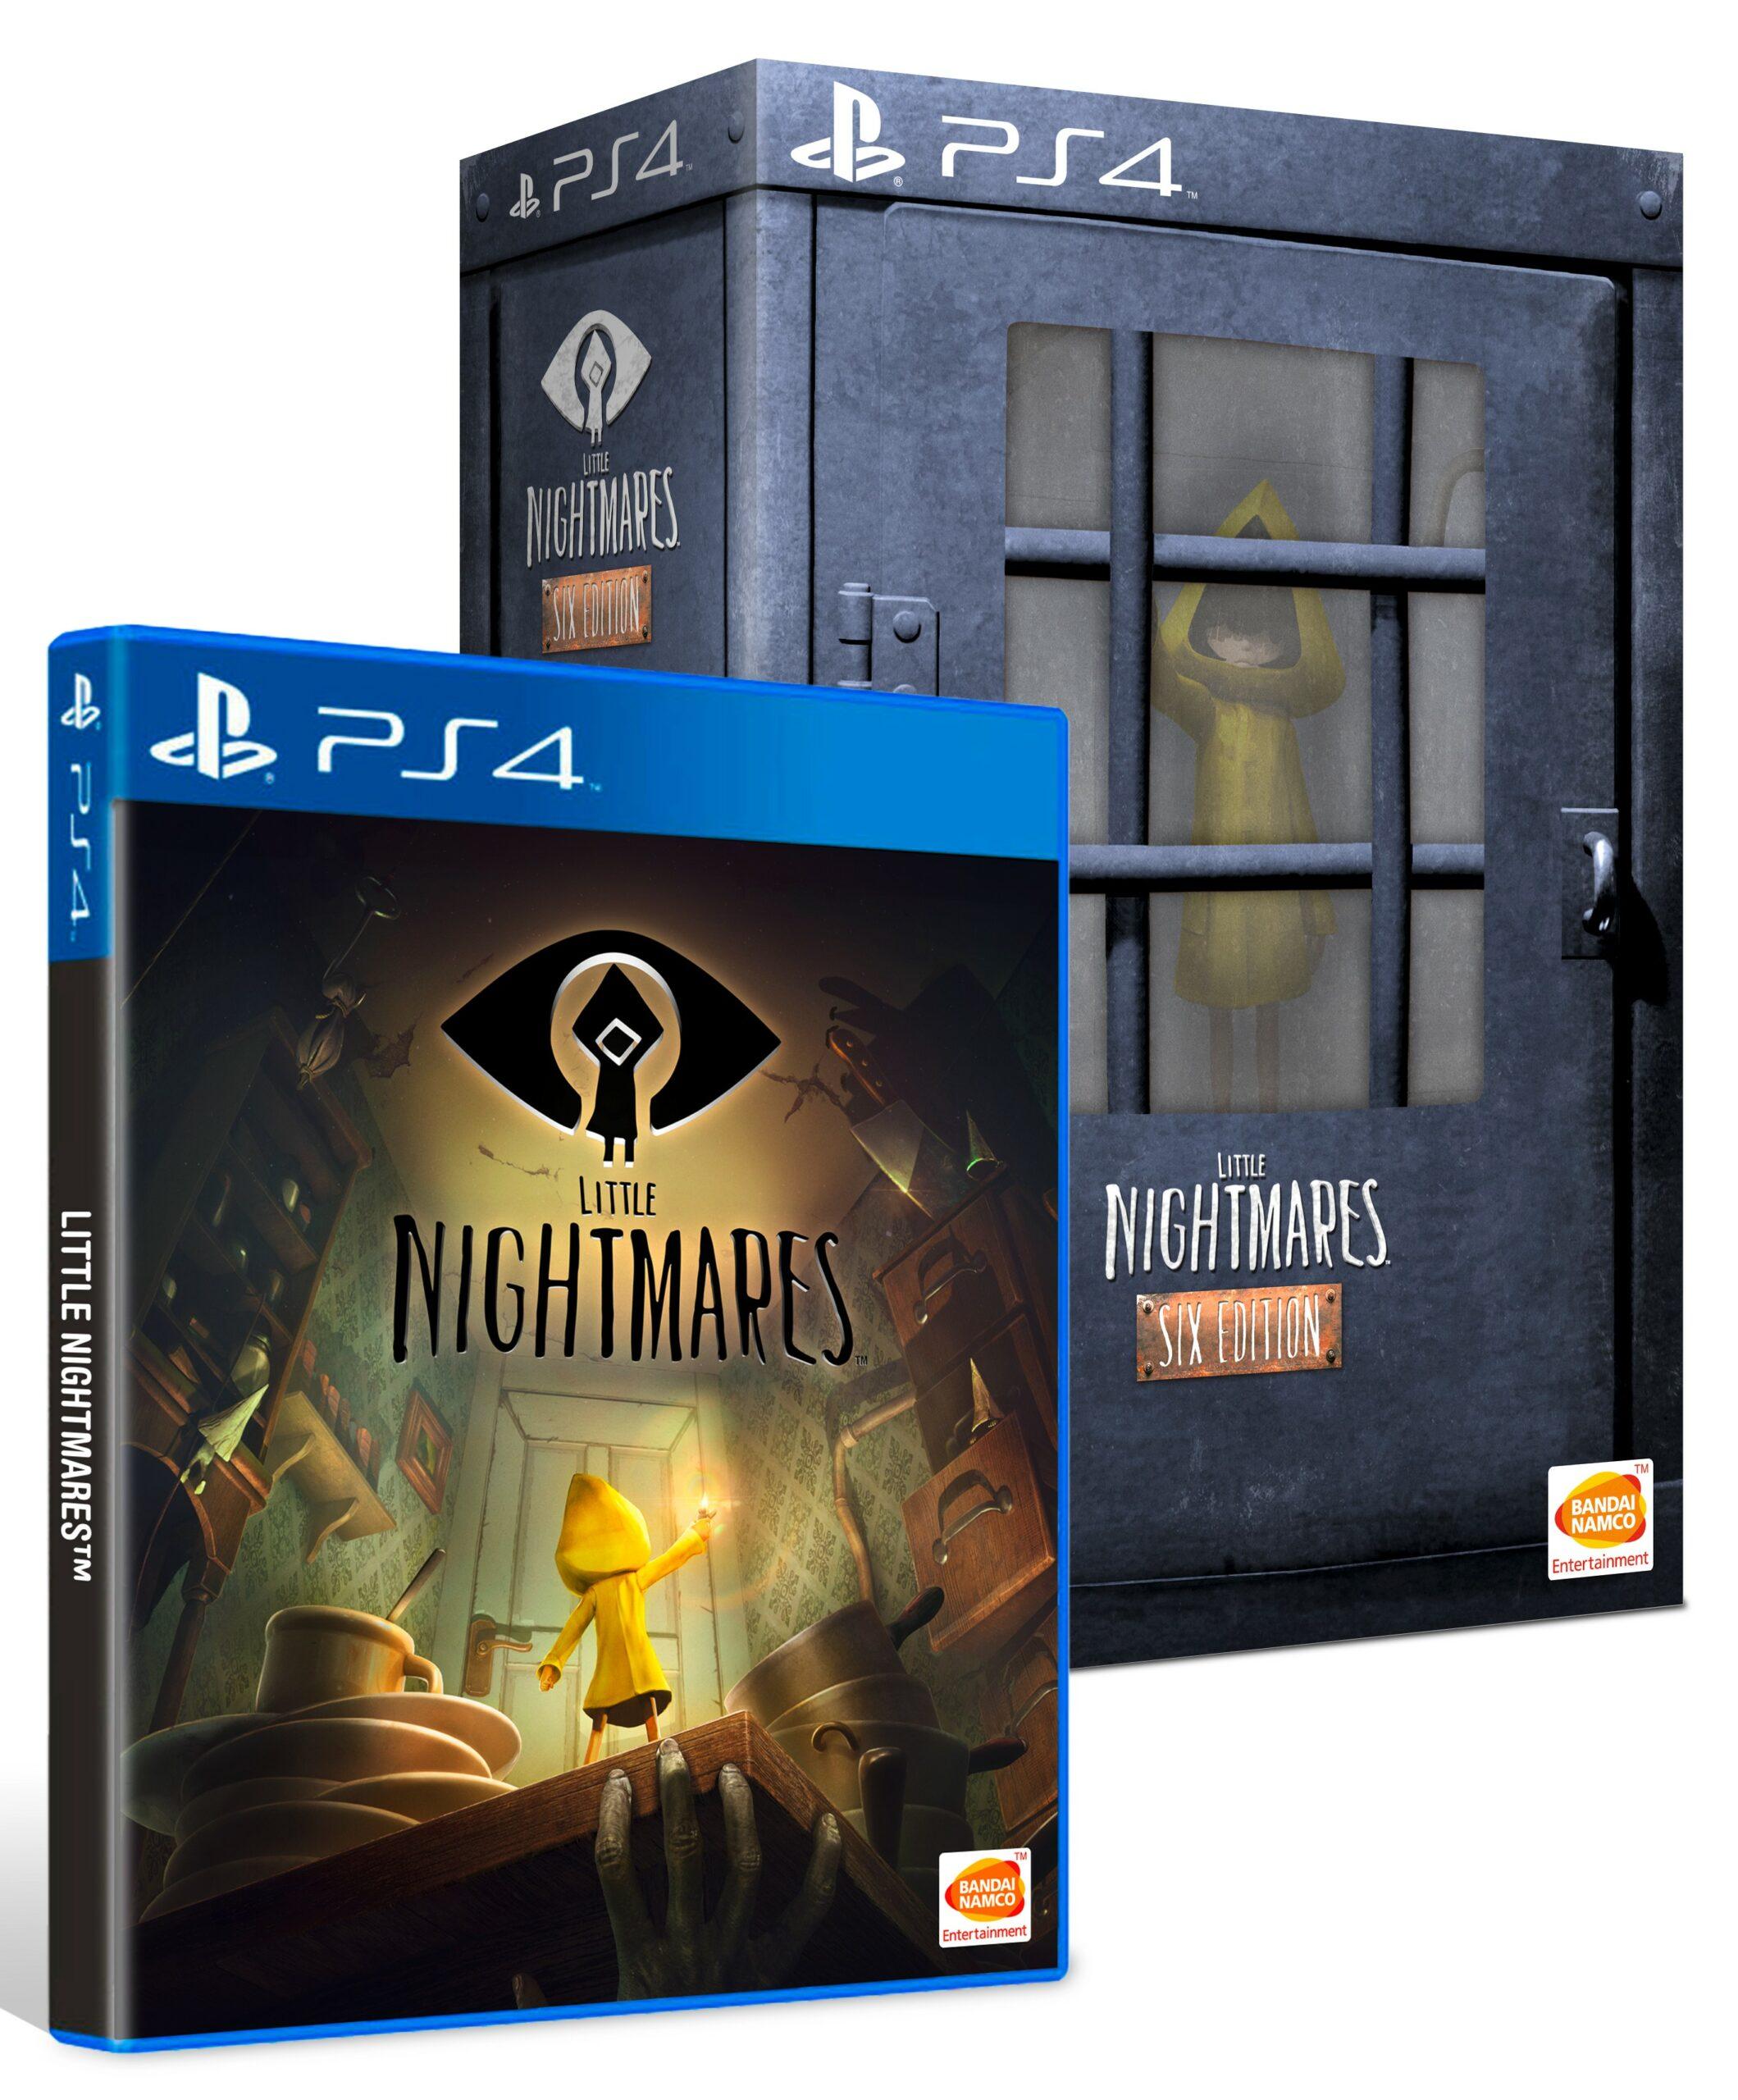 Little-Nightmares_2017_01-17-17_006